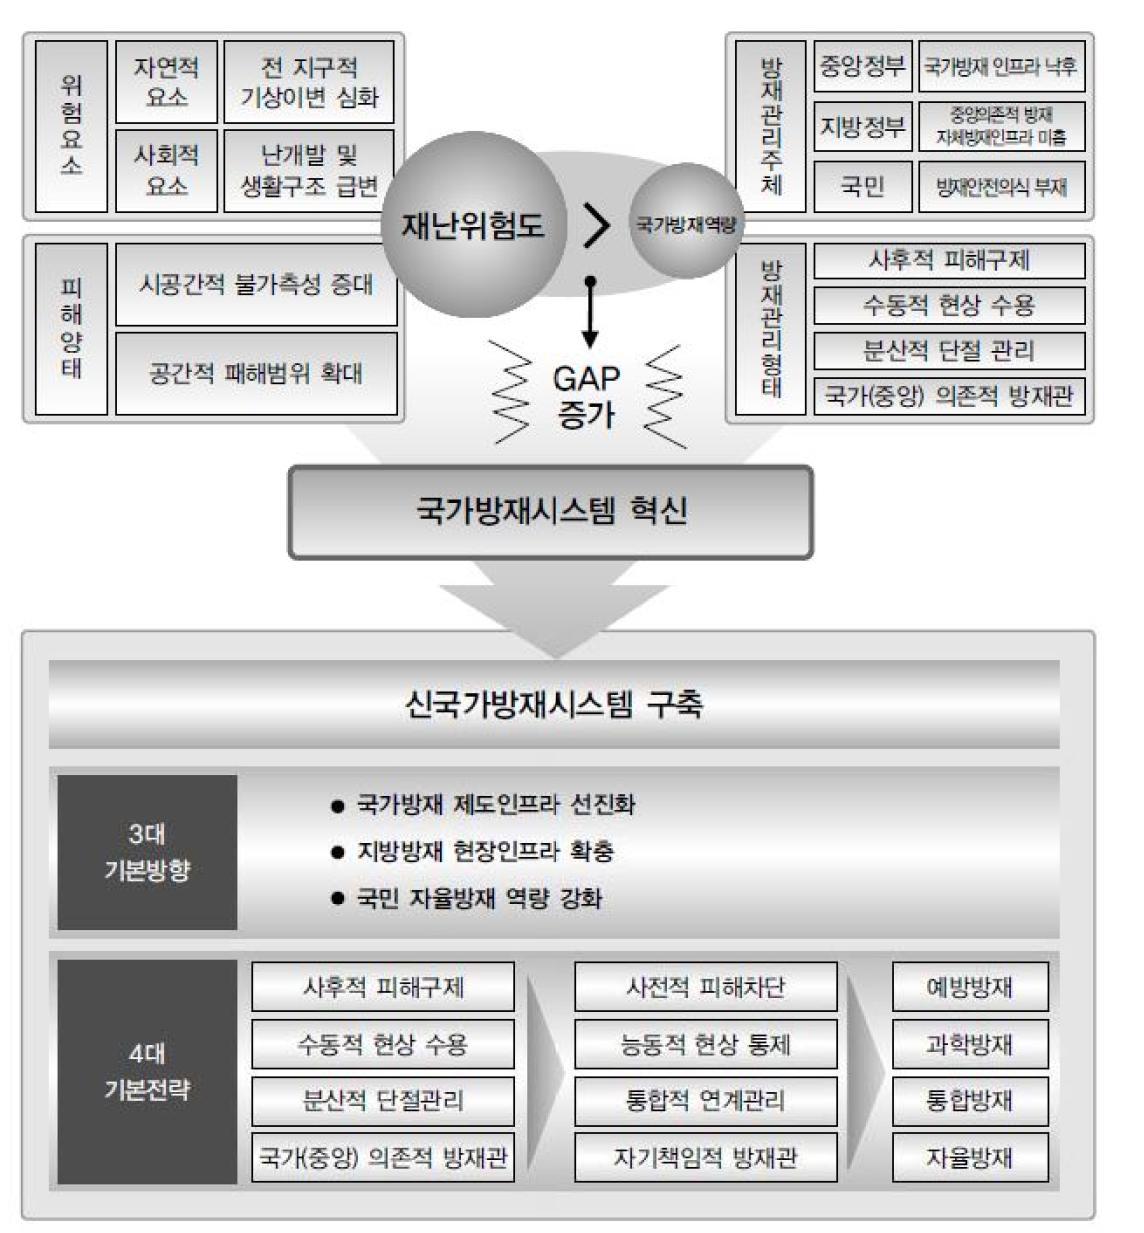 신국가 방재시스템 개요 신국가방재시스템 백서 2007